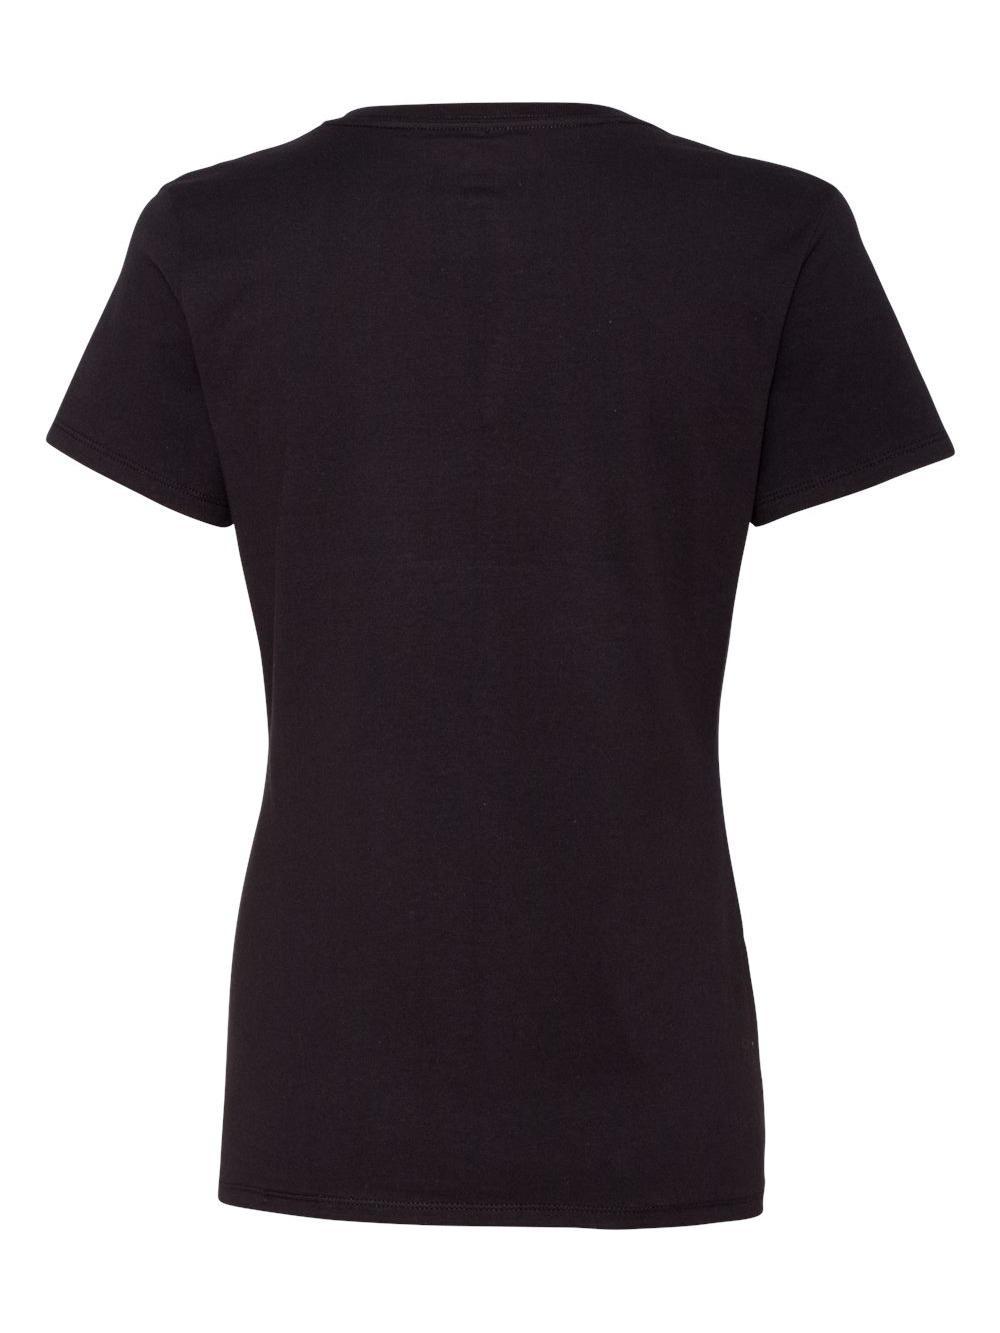 Hanes-Nano-T-Women-039-s-V-Neck-T-Shirt-S04V thumbnail 7